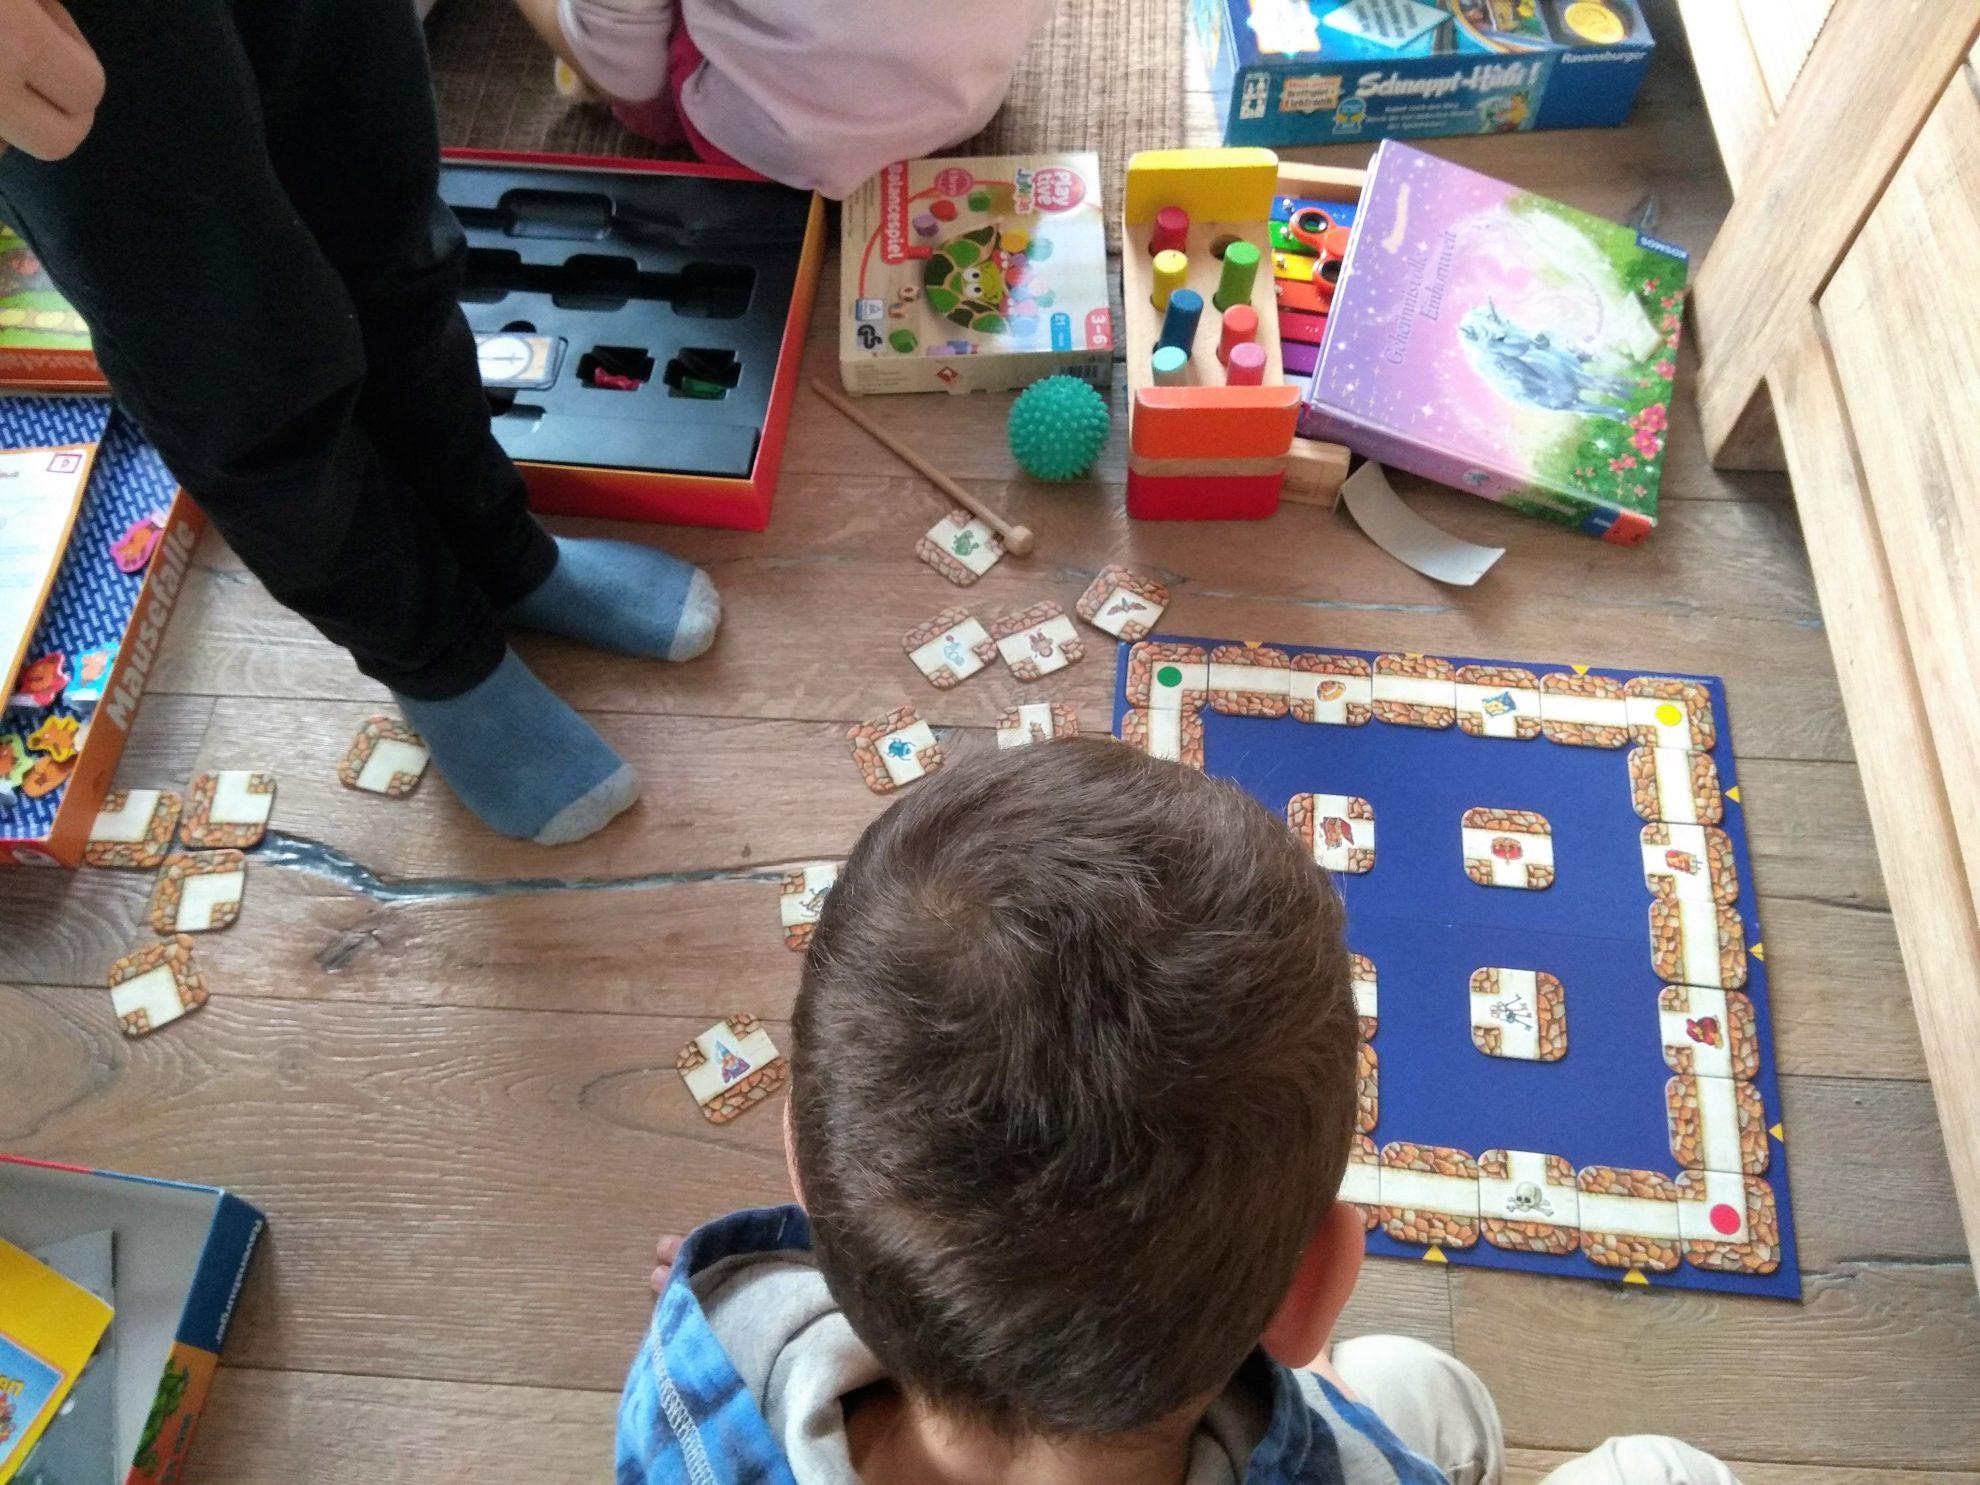 Spielesammlungen sortieren, das verrückte Labyrinth, Mausefalle, Sternenschweif, WIB. Puddingklecks 4.2.18